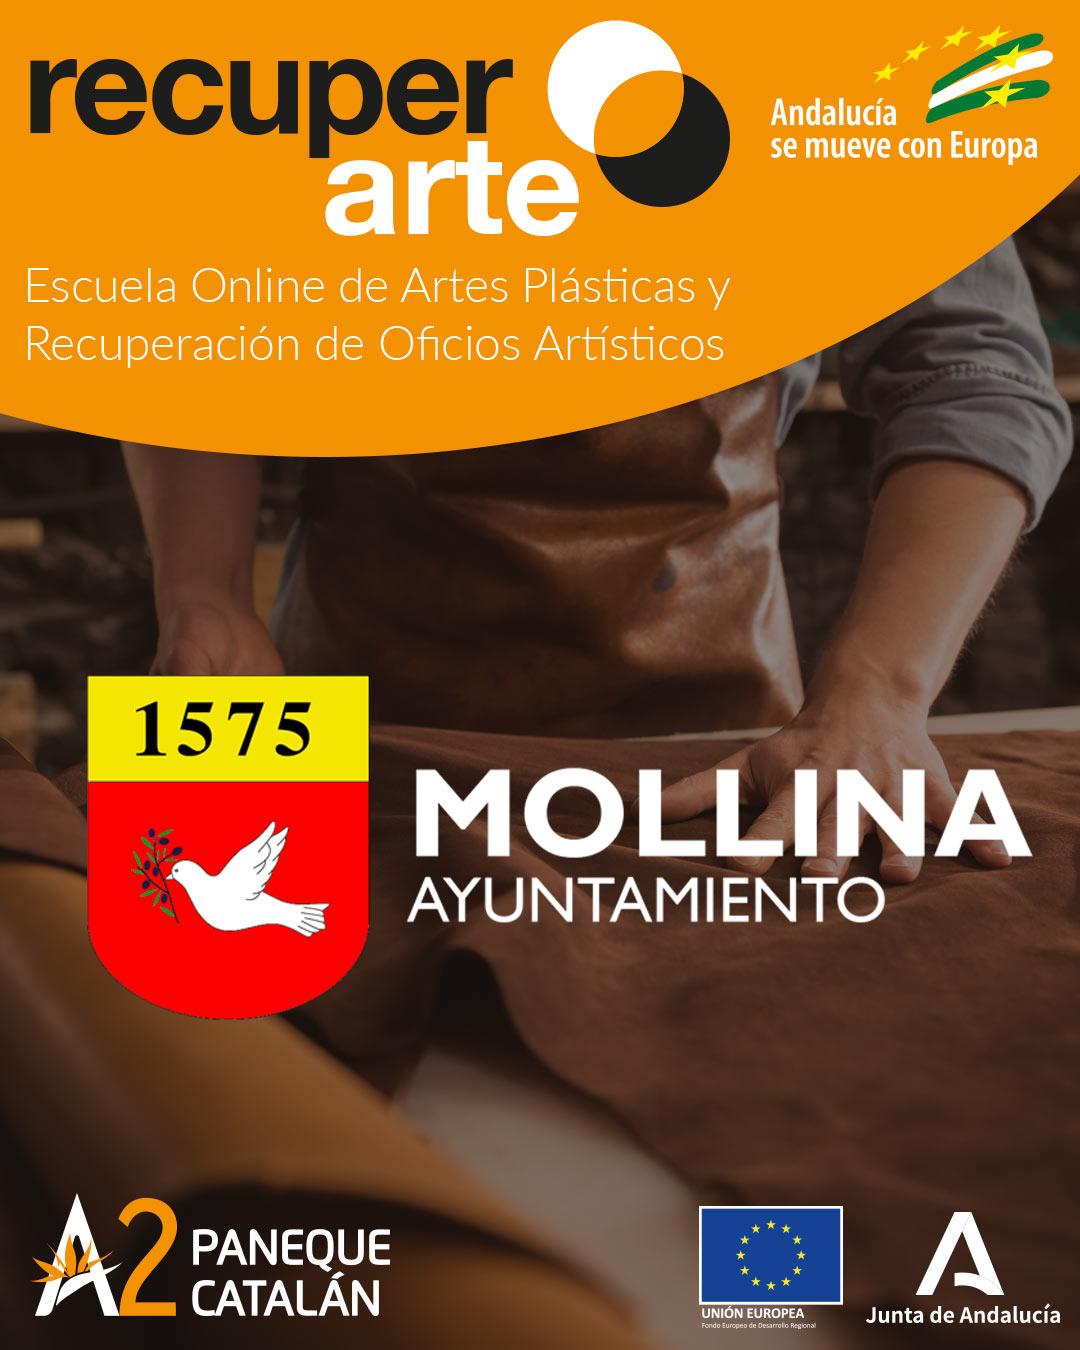 RecuperArte en Mollina